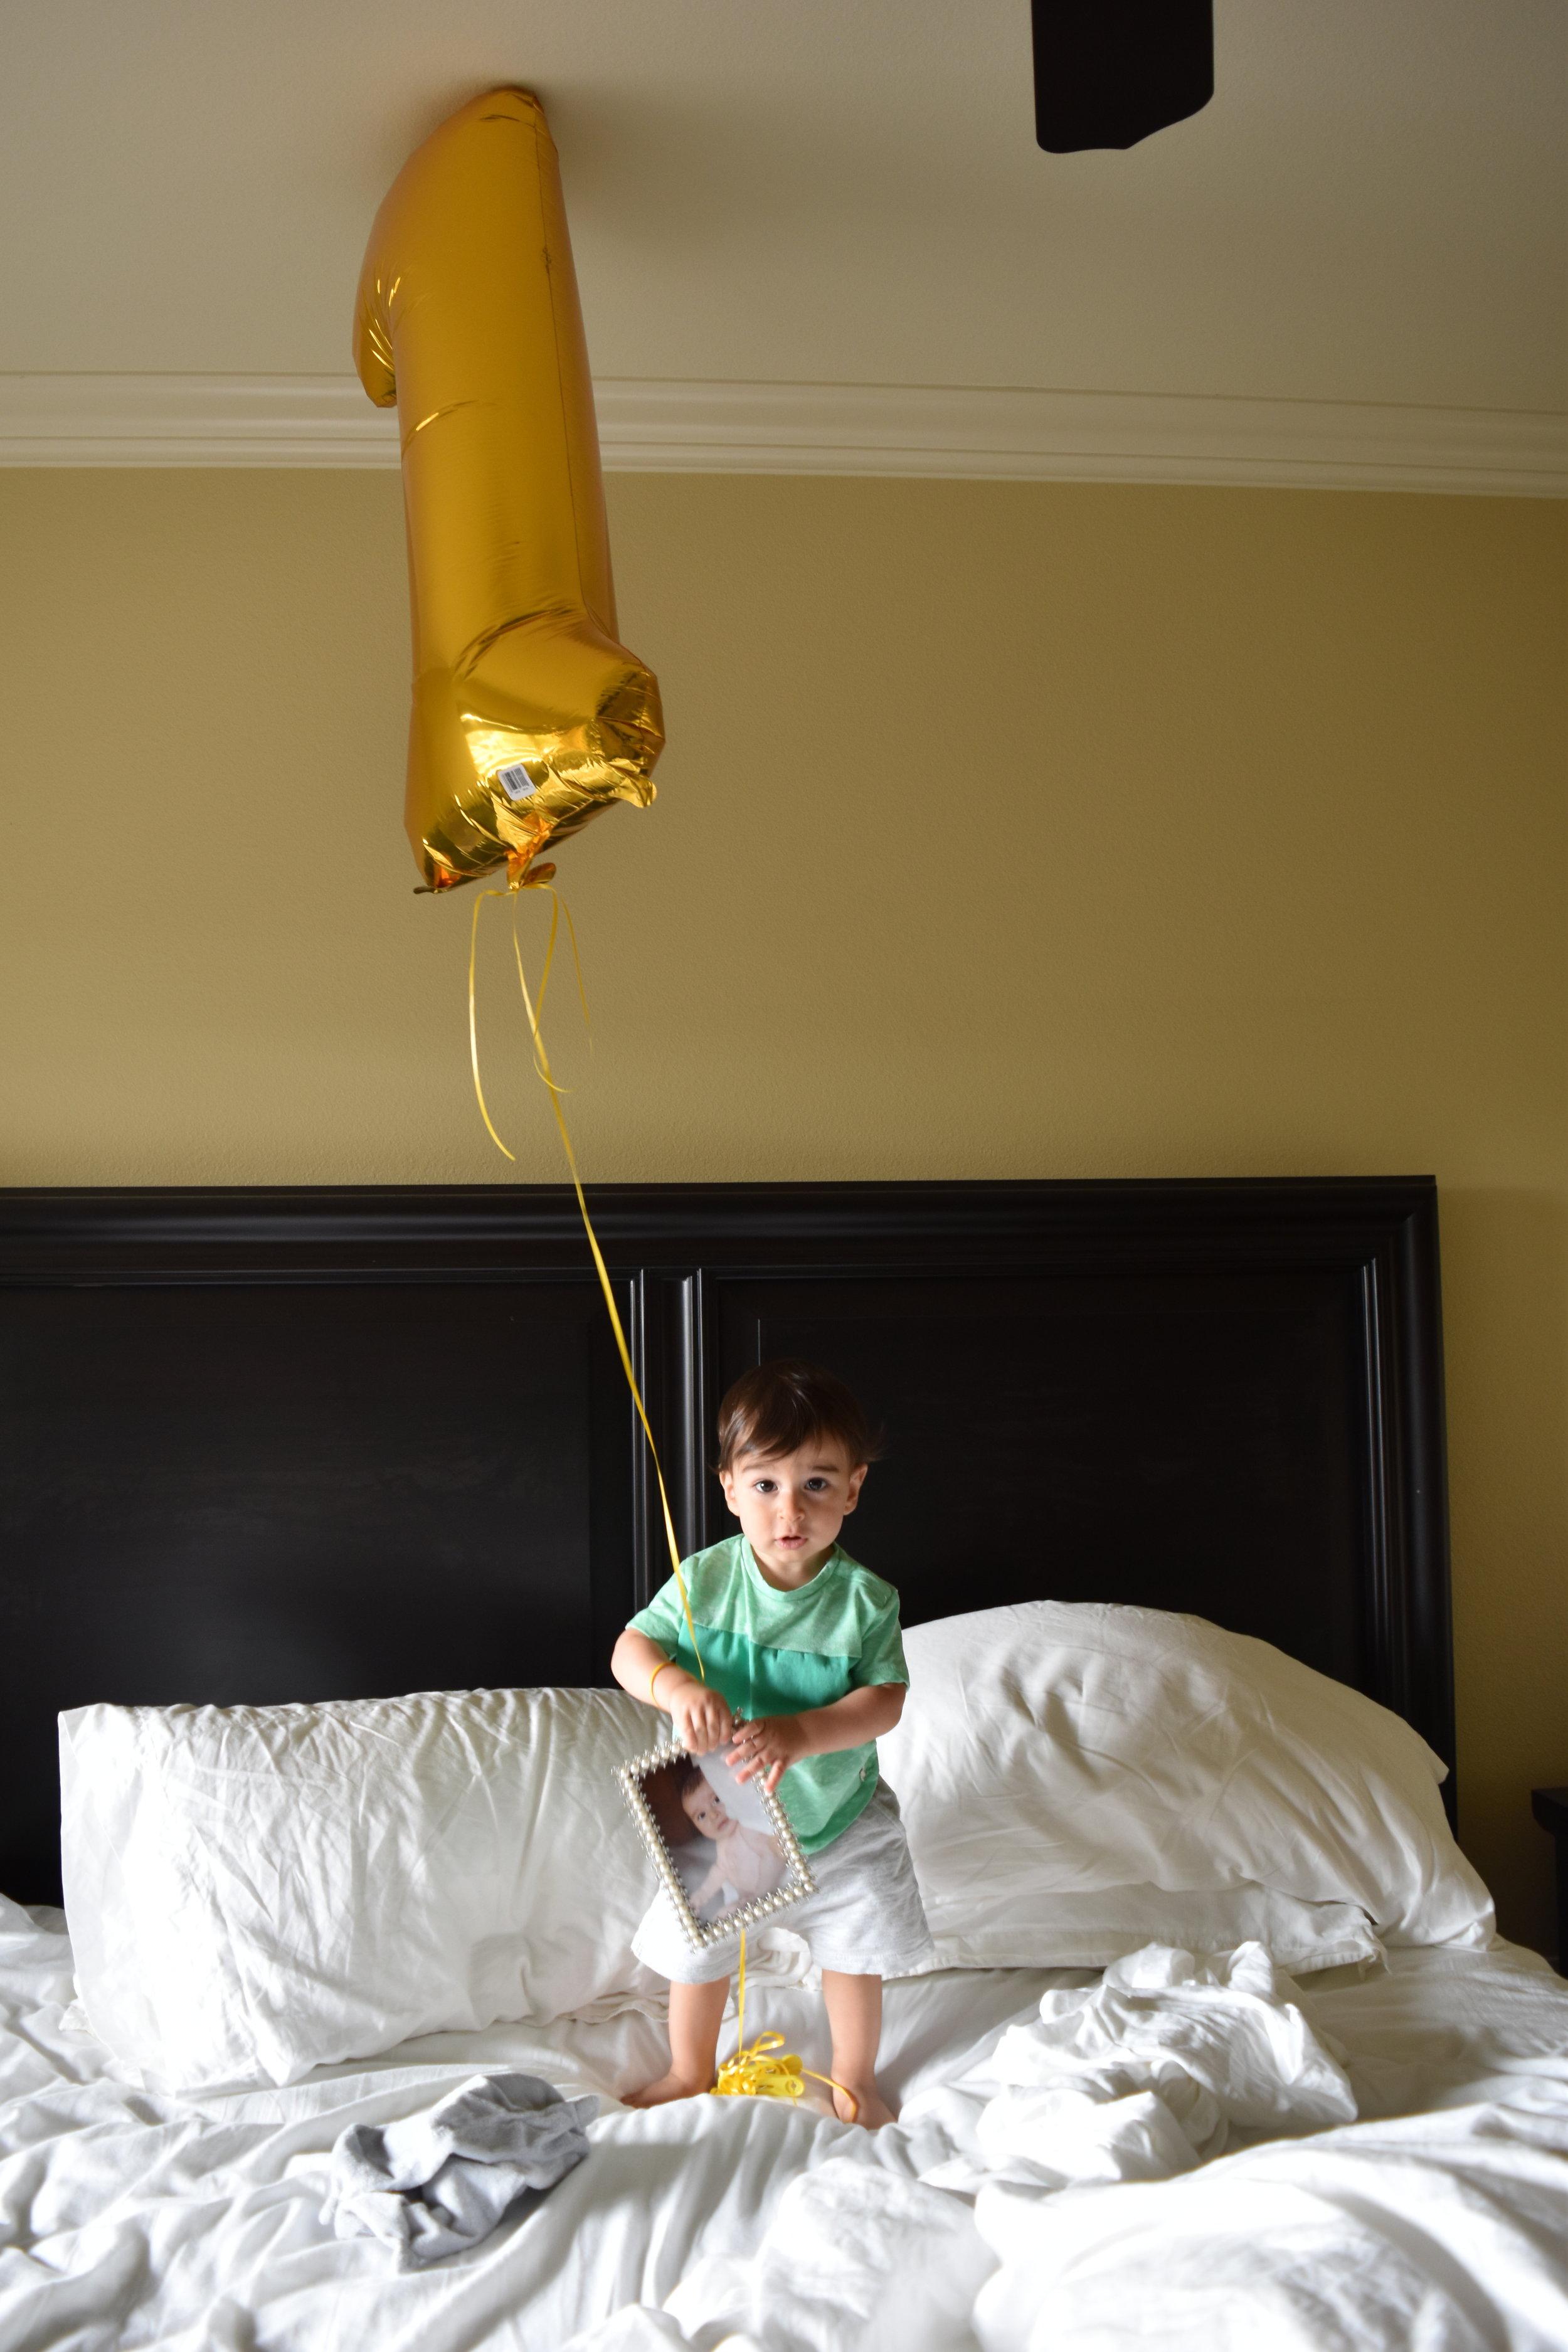 ryan balloon bed